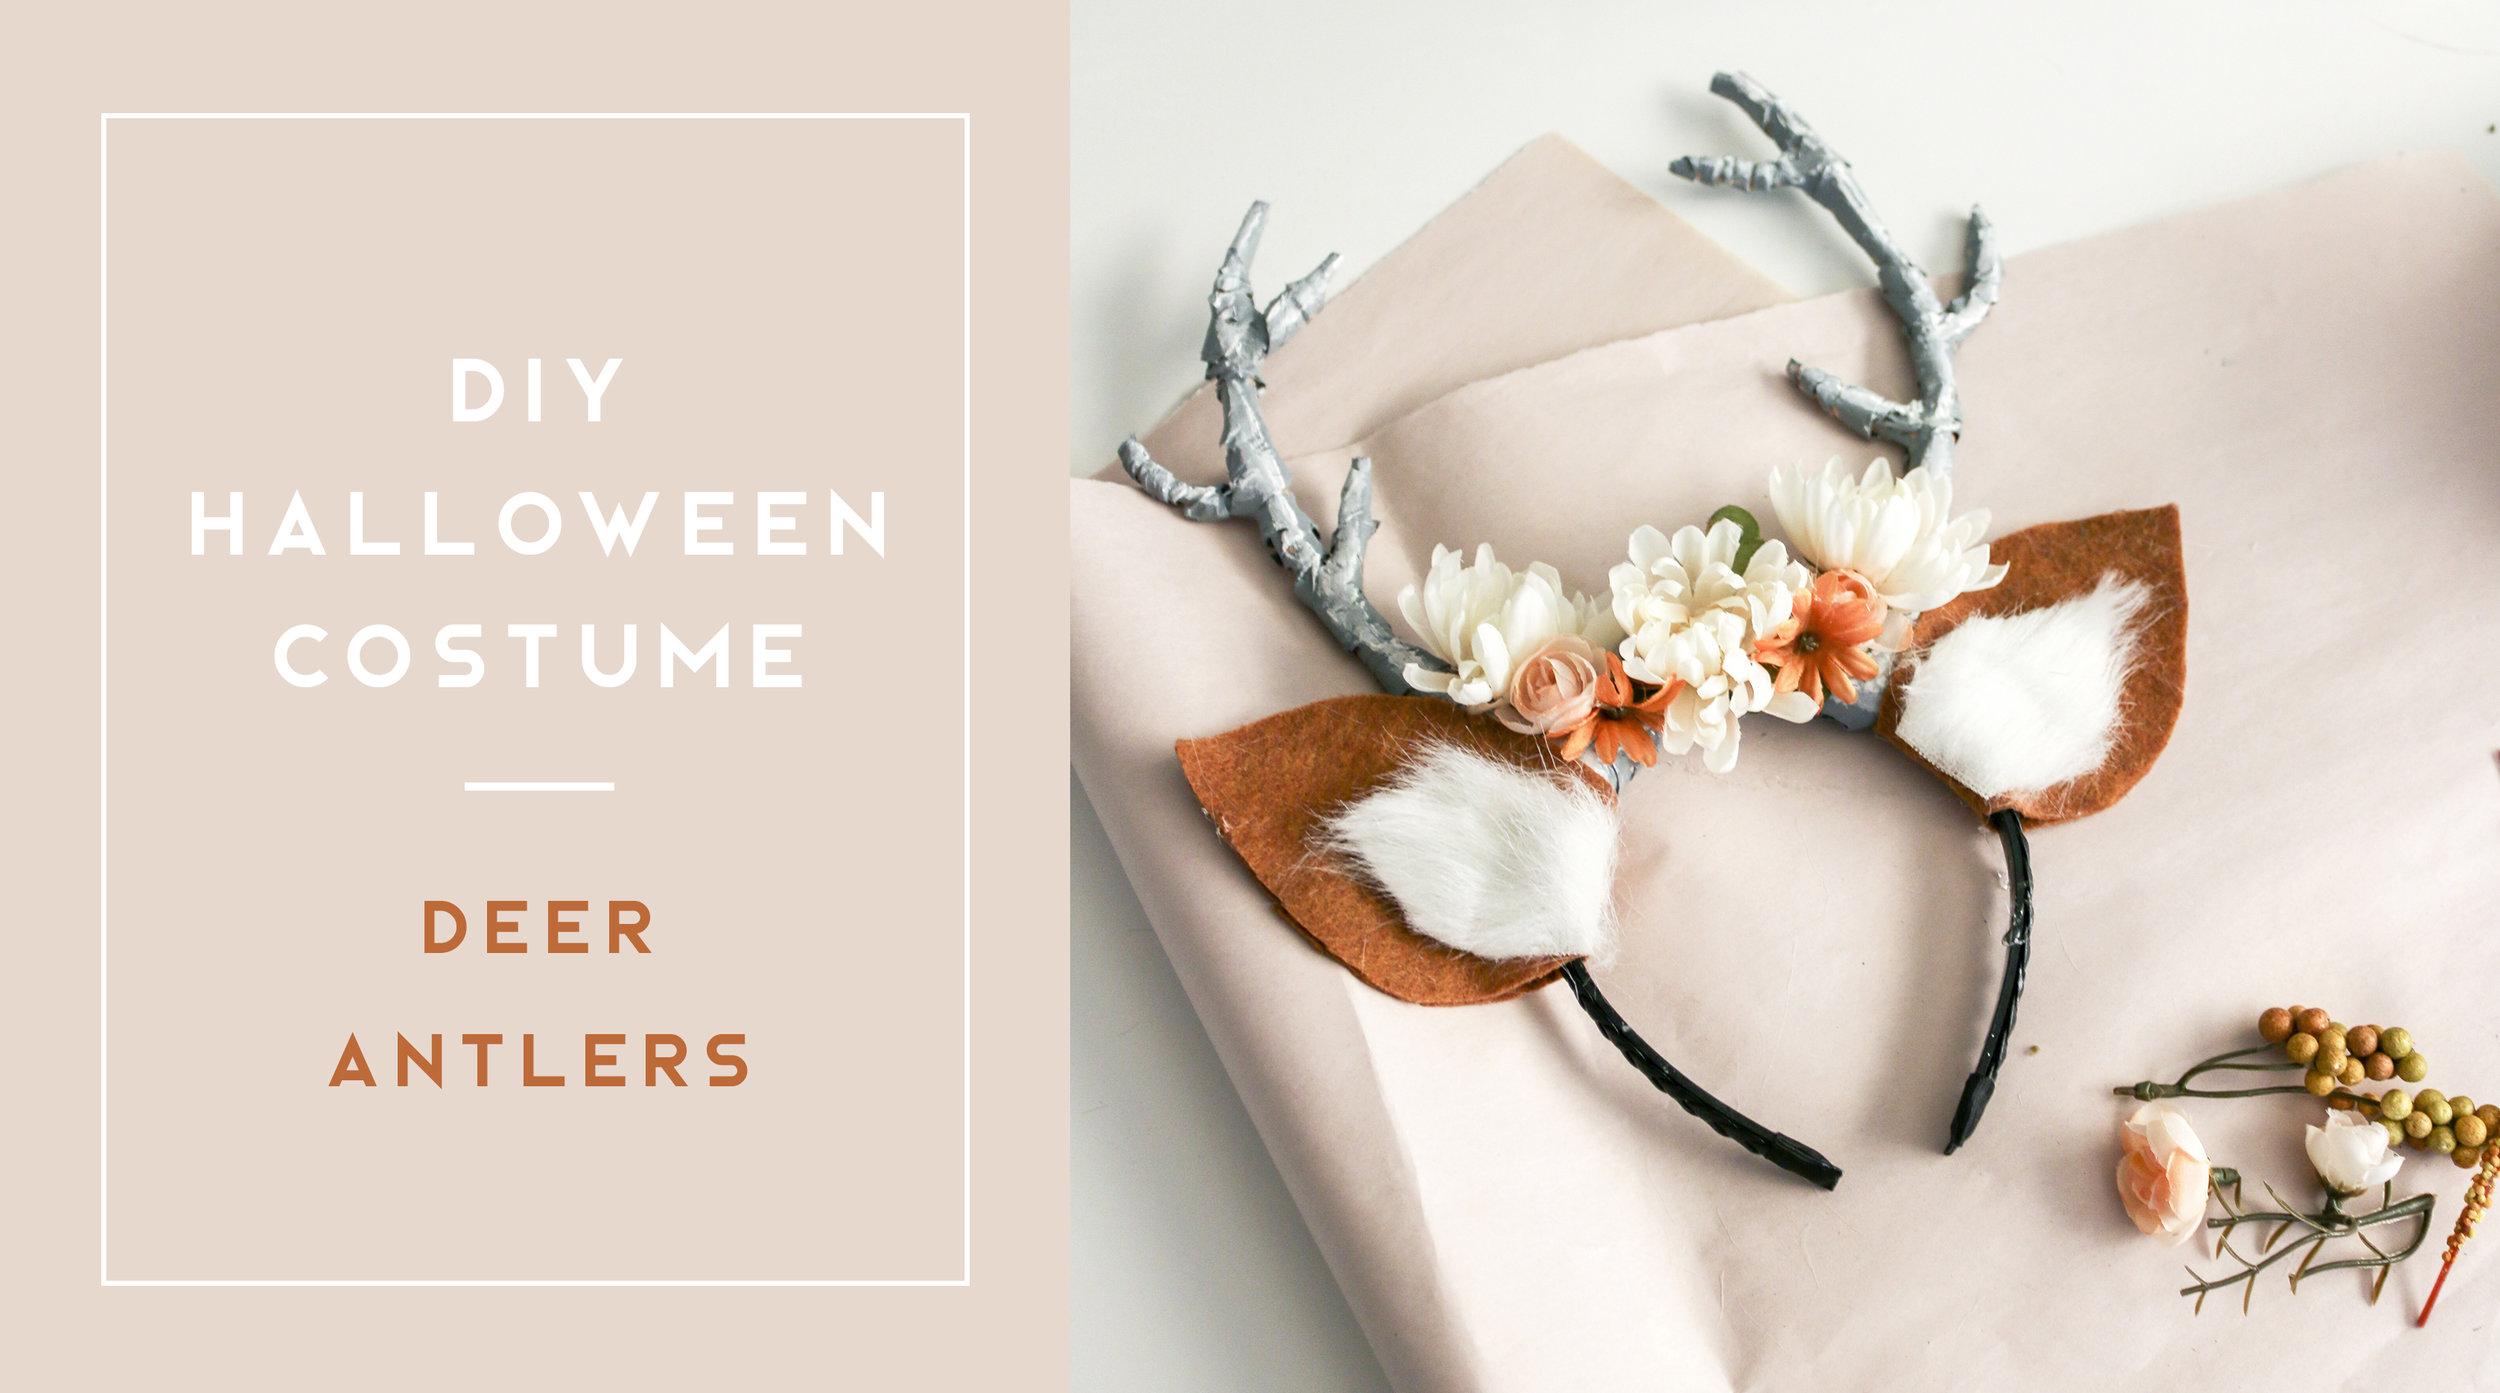 DIY Deer Antlers Halloween Costume